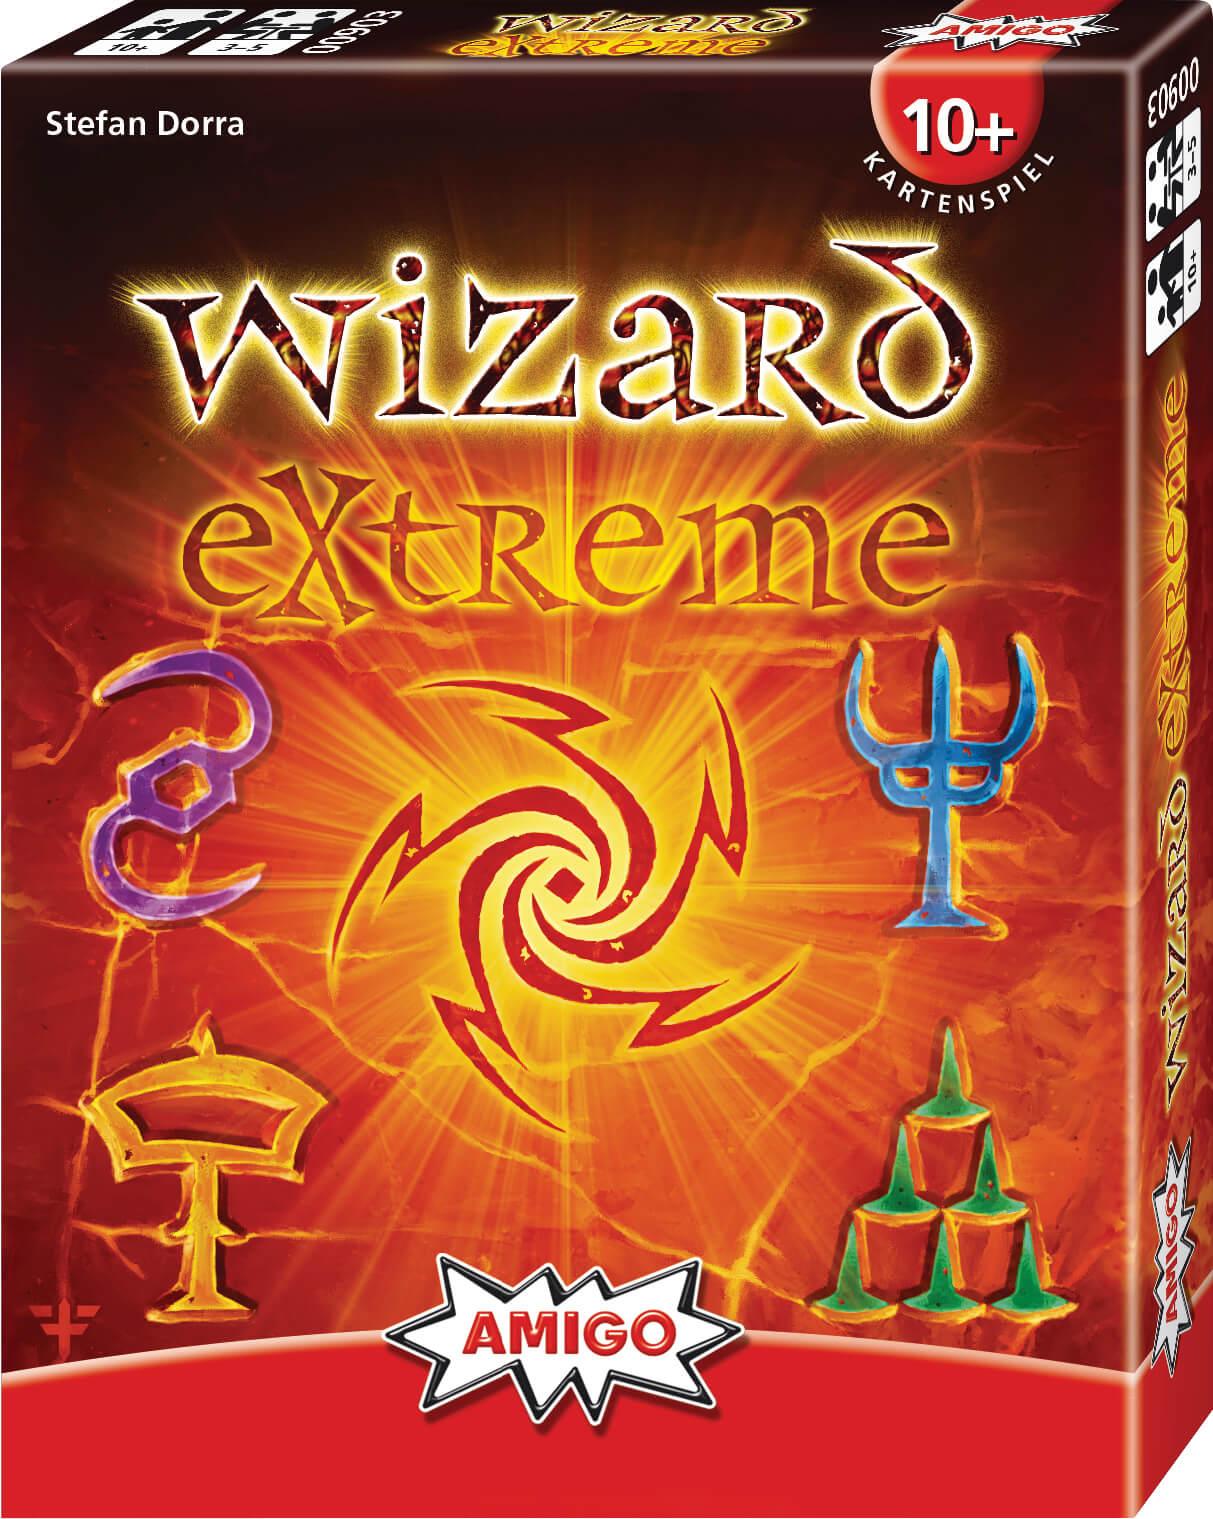 Schachtel Vorderseite, rechte Seite- Wizard Extreme